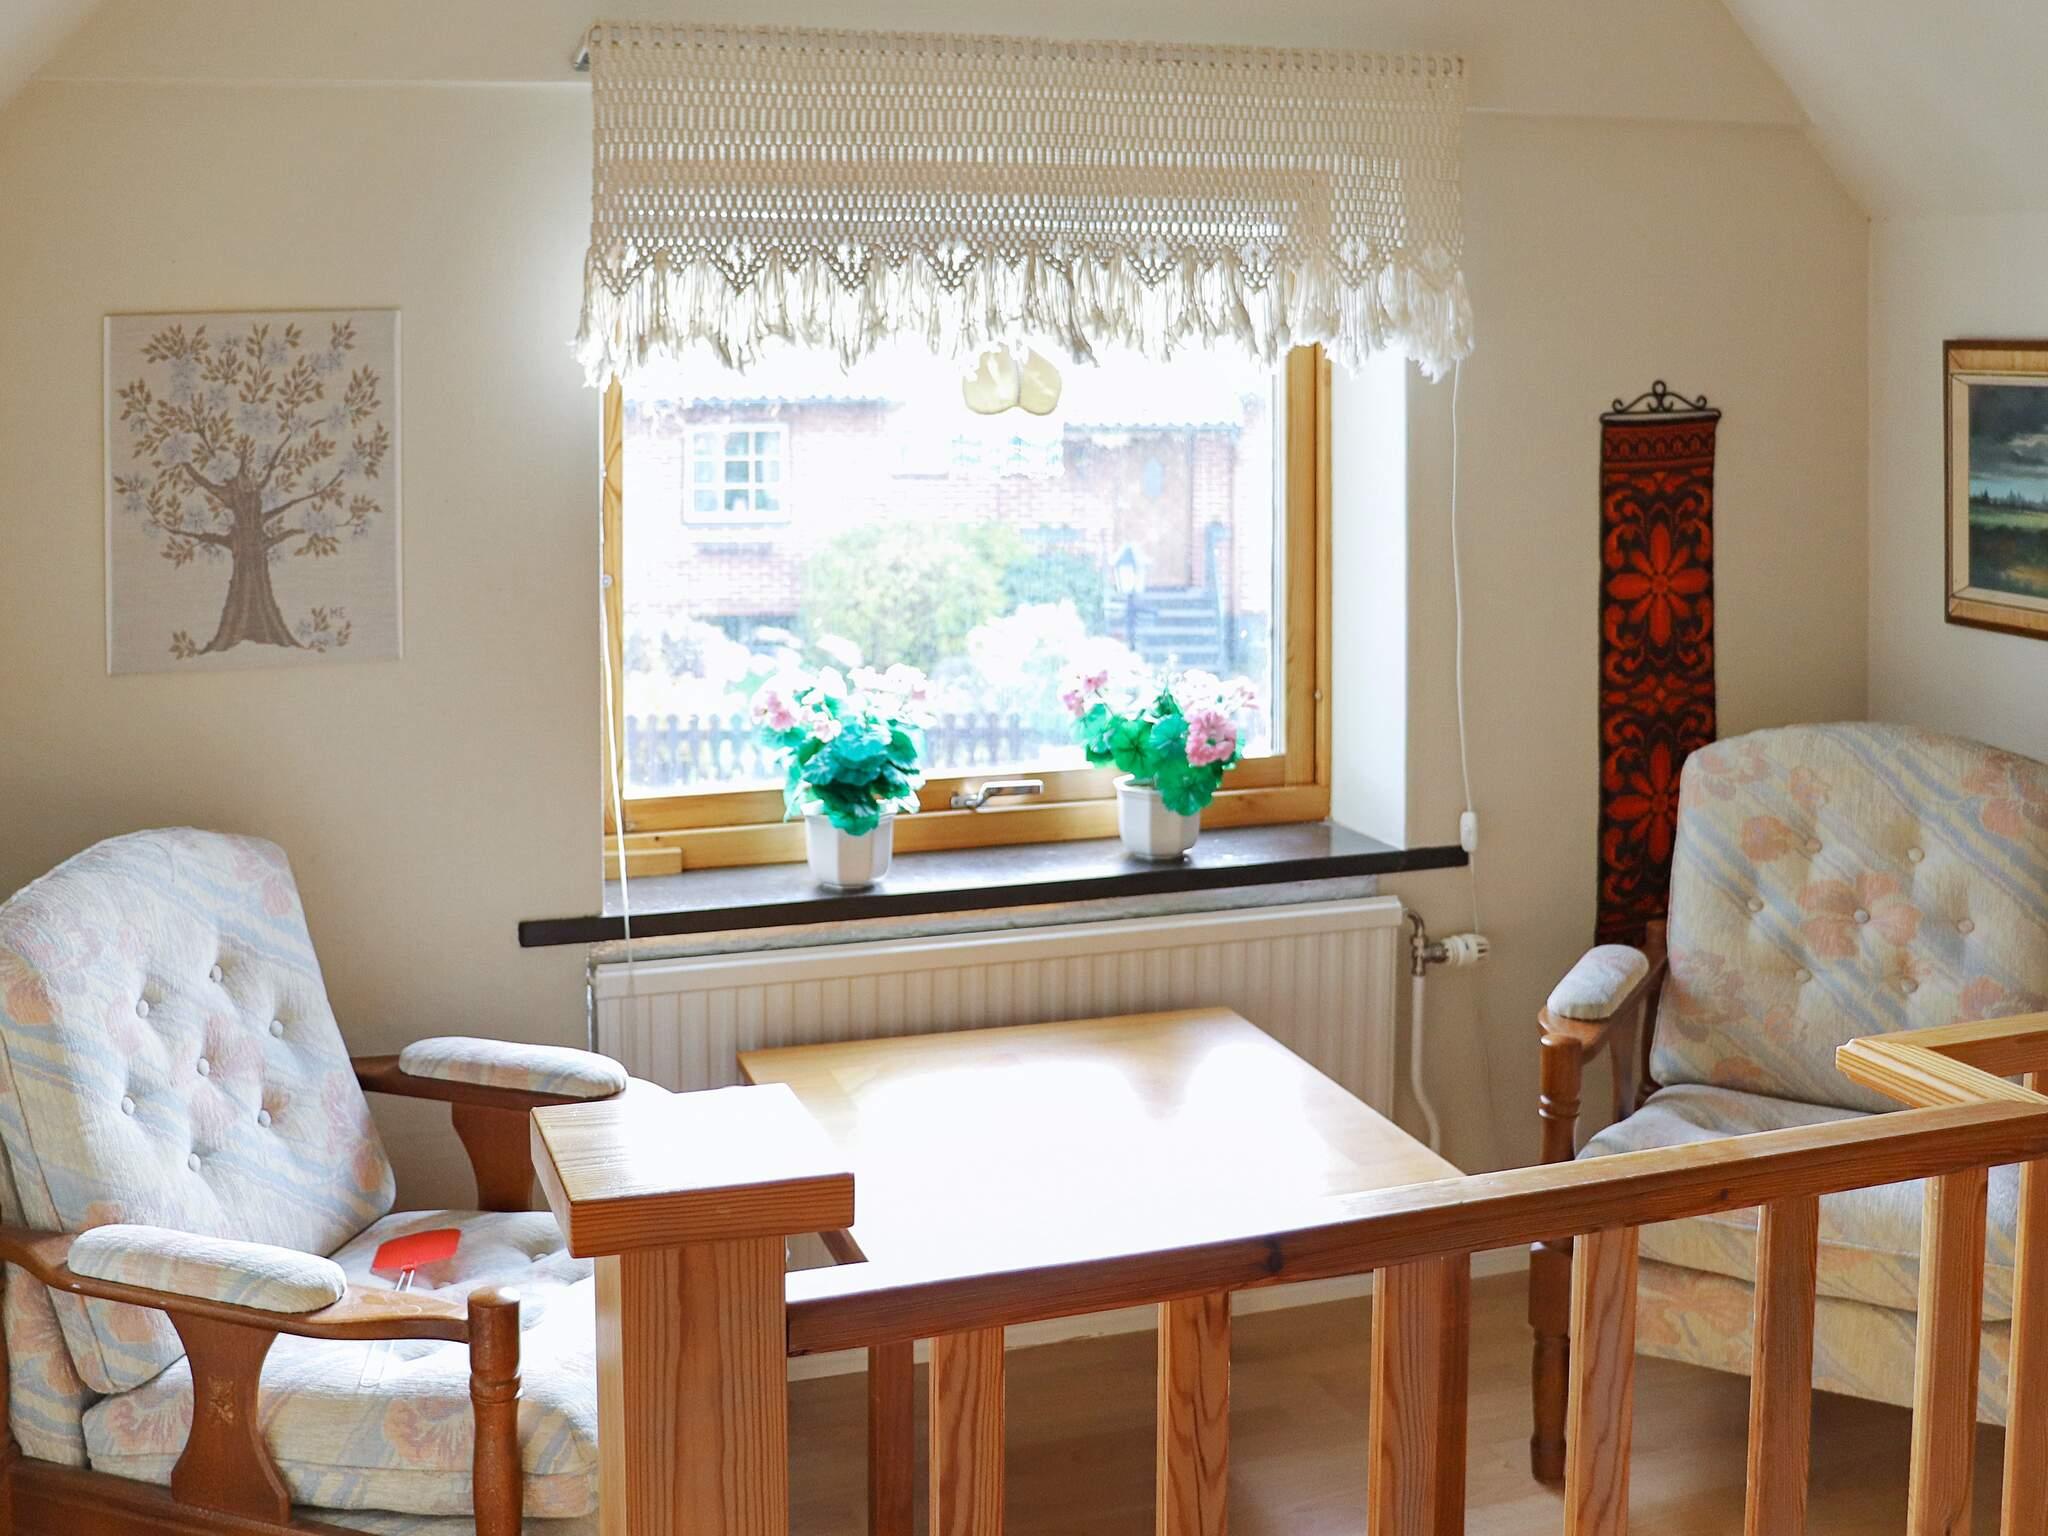 Ferienhaus Simrishamn (2701533), Simrishamn, Skane län, Südschweden, Schweden, Bild 12